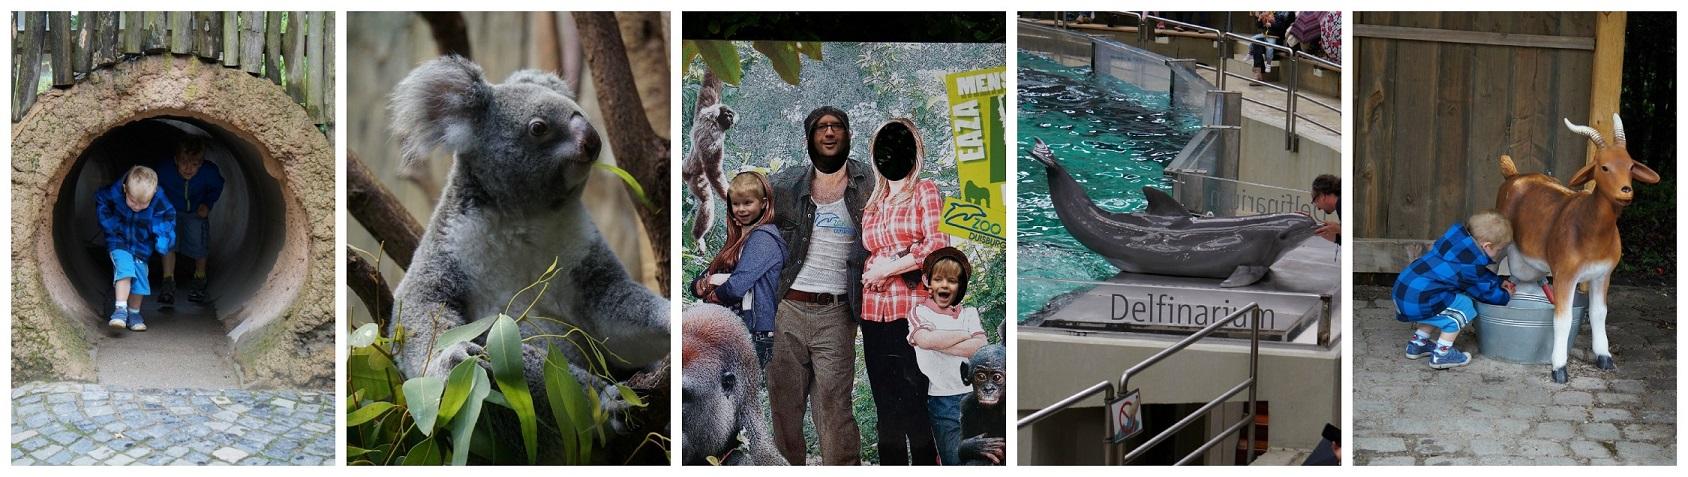 vakantie met kinderen, kids er op uit, dierentuin, blijdorp, duisburg, dolfinarium, net over de grens, koala's